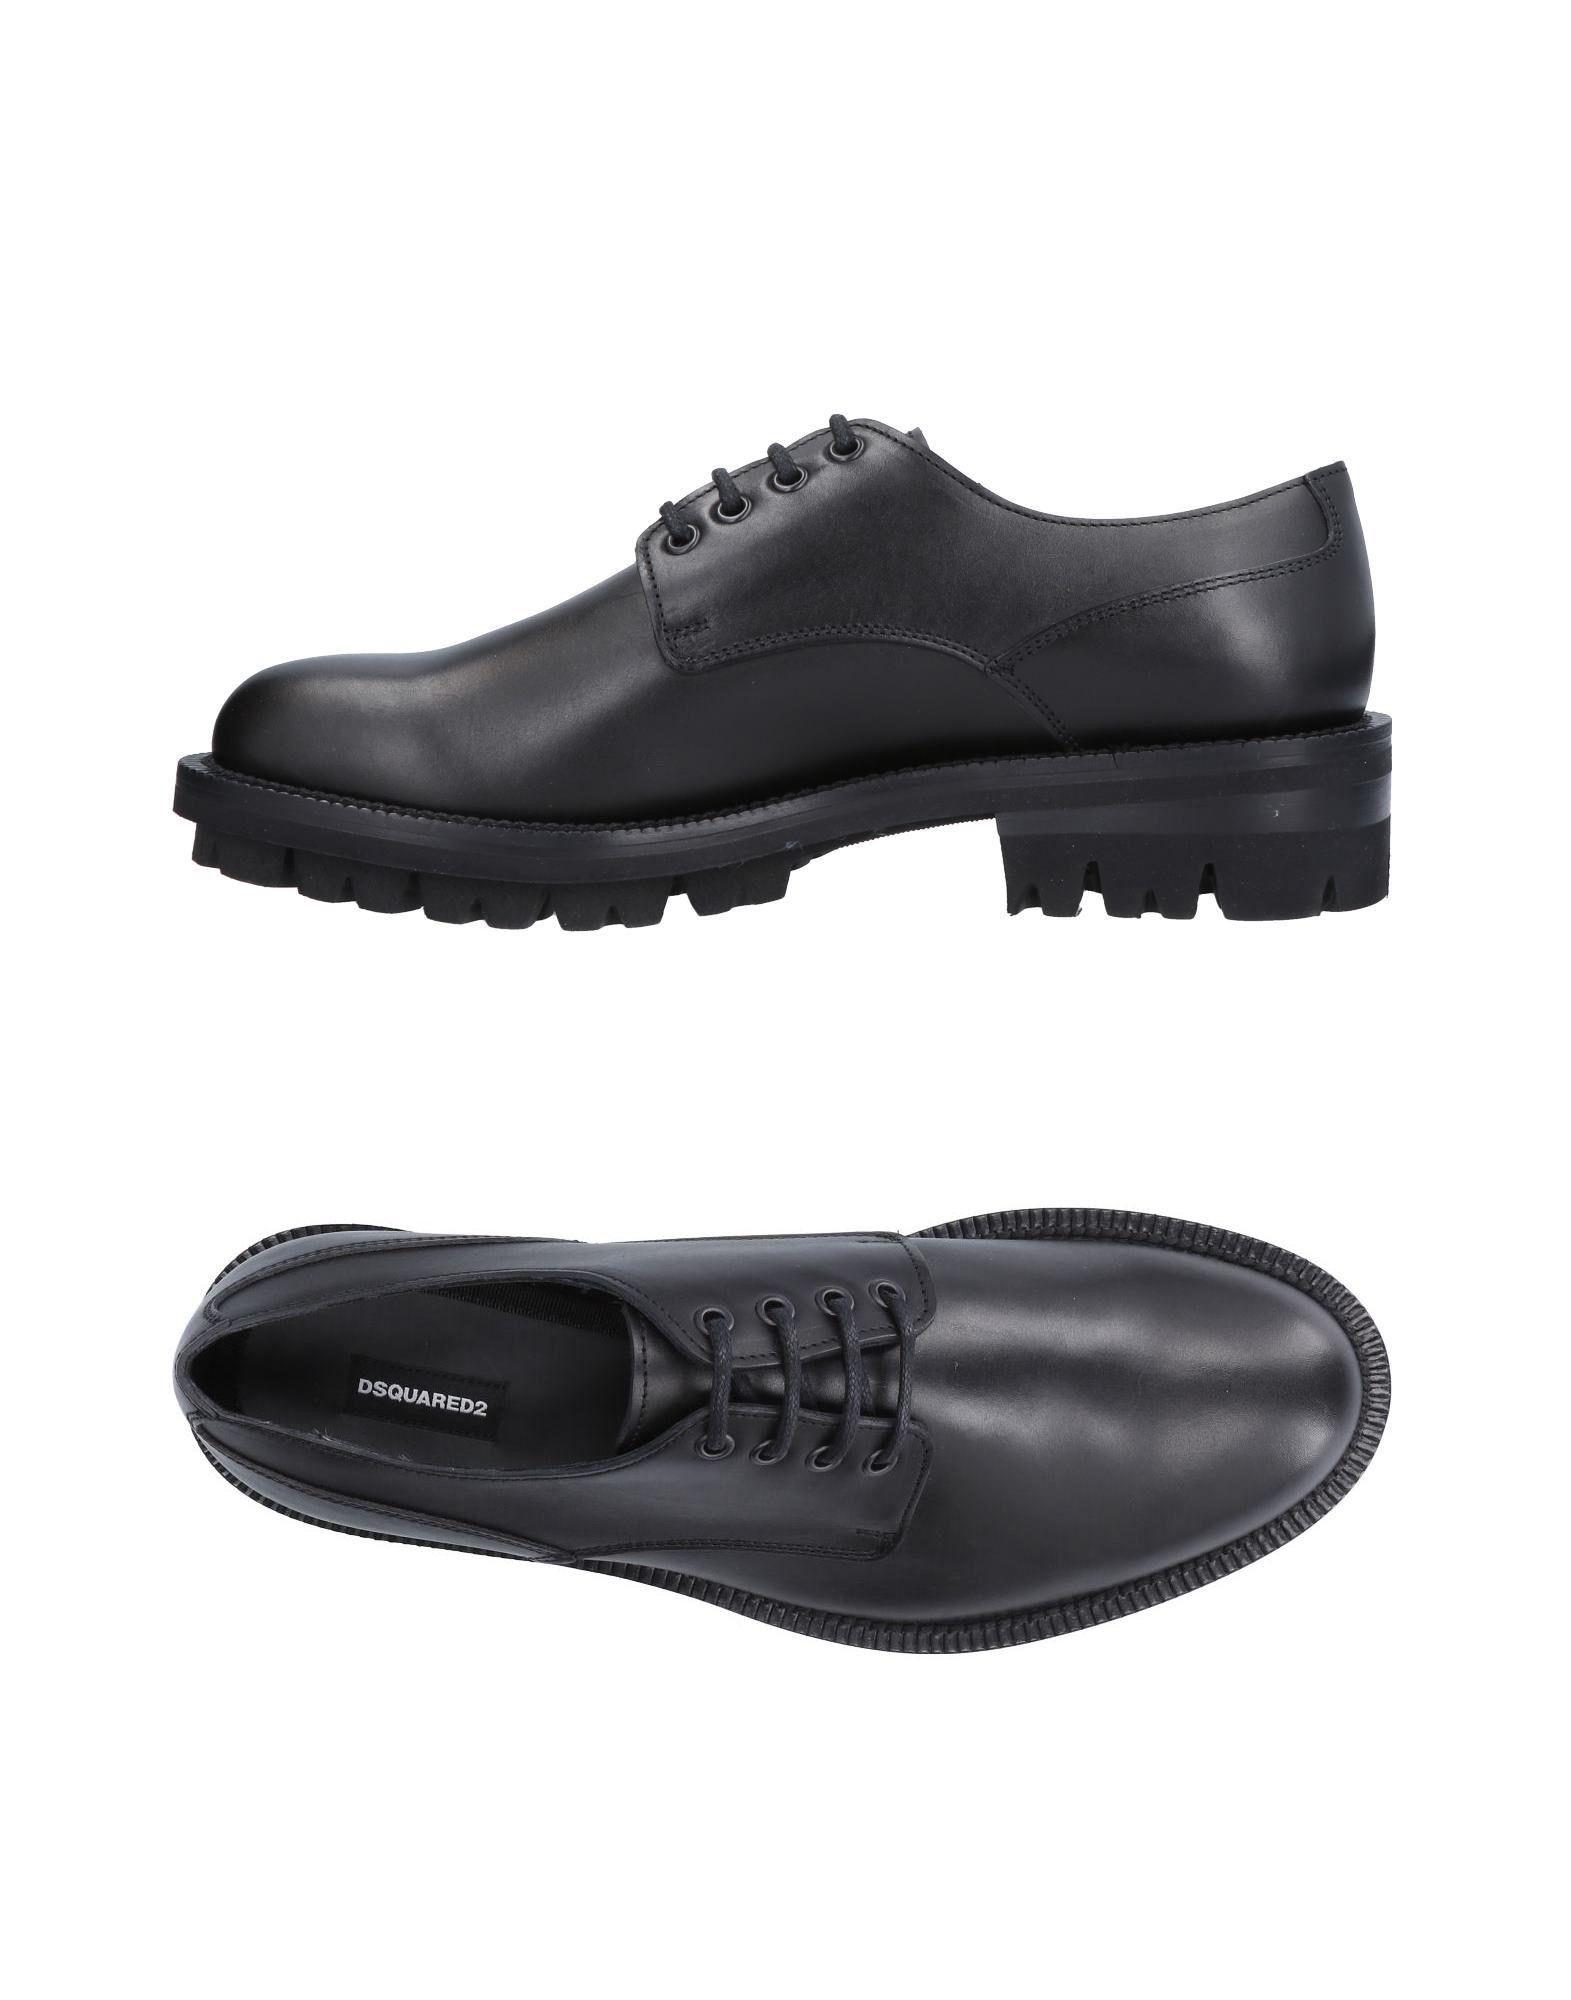 Dsquared2 Schnürschuhe Herren  11503651FR Gute Qualität beliebte Schuhe